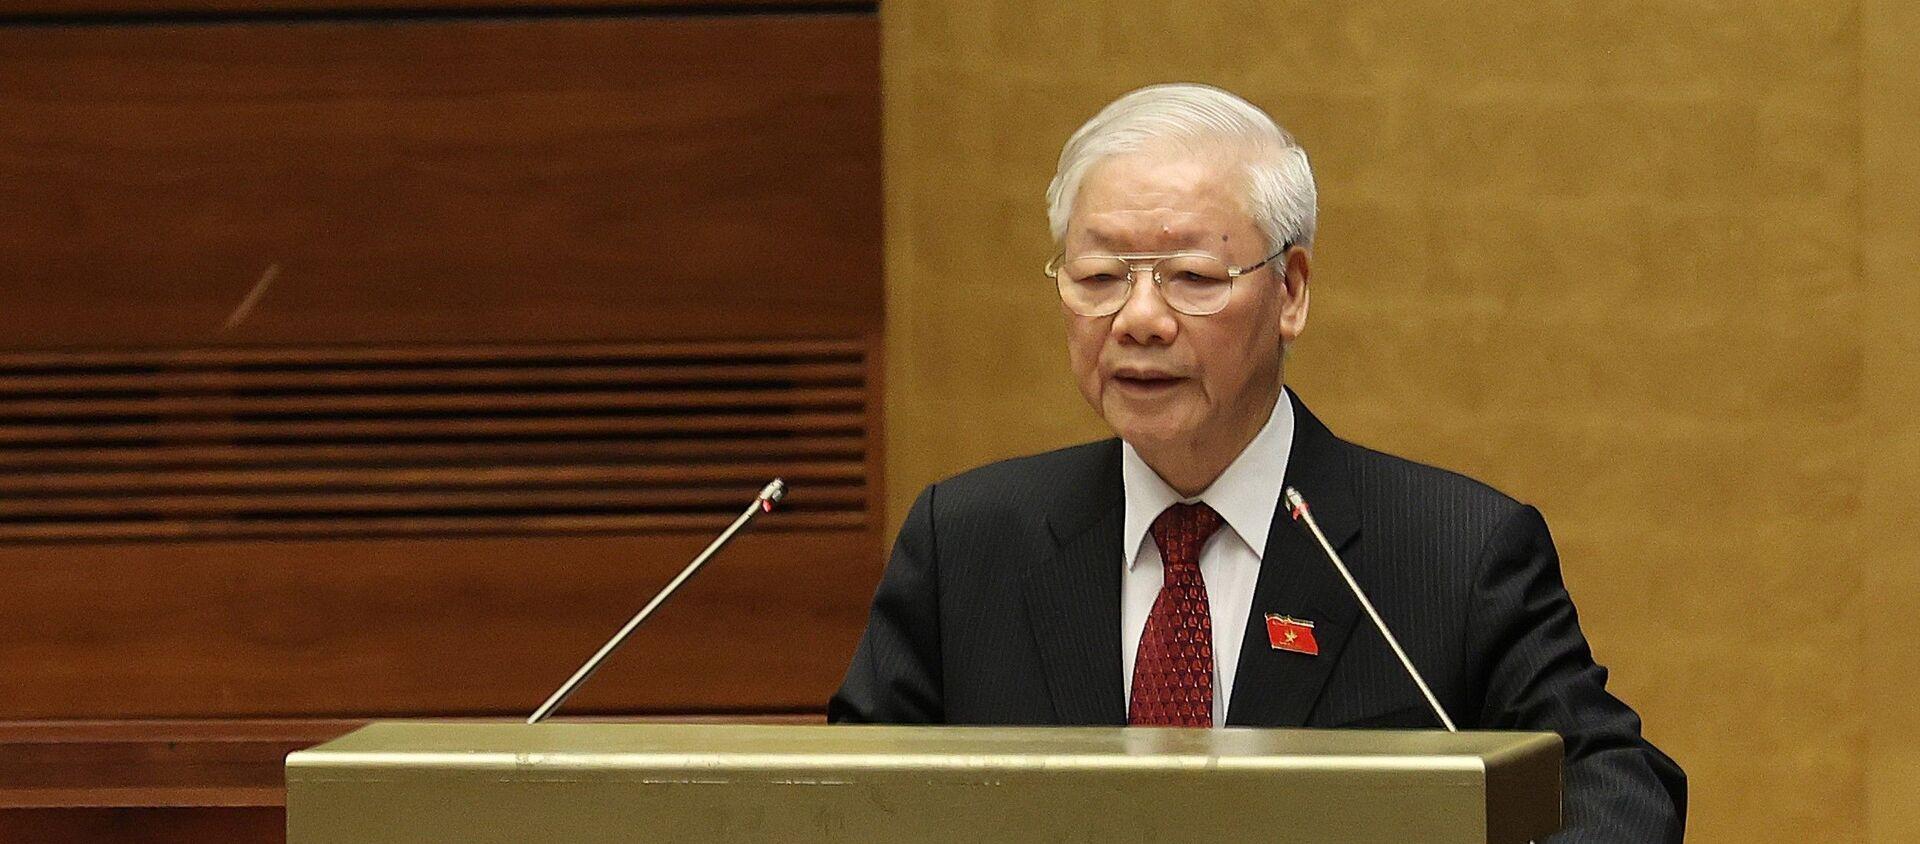 Tổng Bí thư Nguyễn Phú Trọng phát biểu tại Lễ khai mạc Kỳ họp thứ nhất, Quốc hội khóa XV - Sputnik Việt Nam, 1920, 03.08.2021